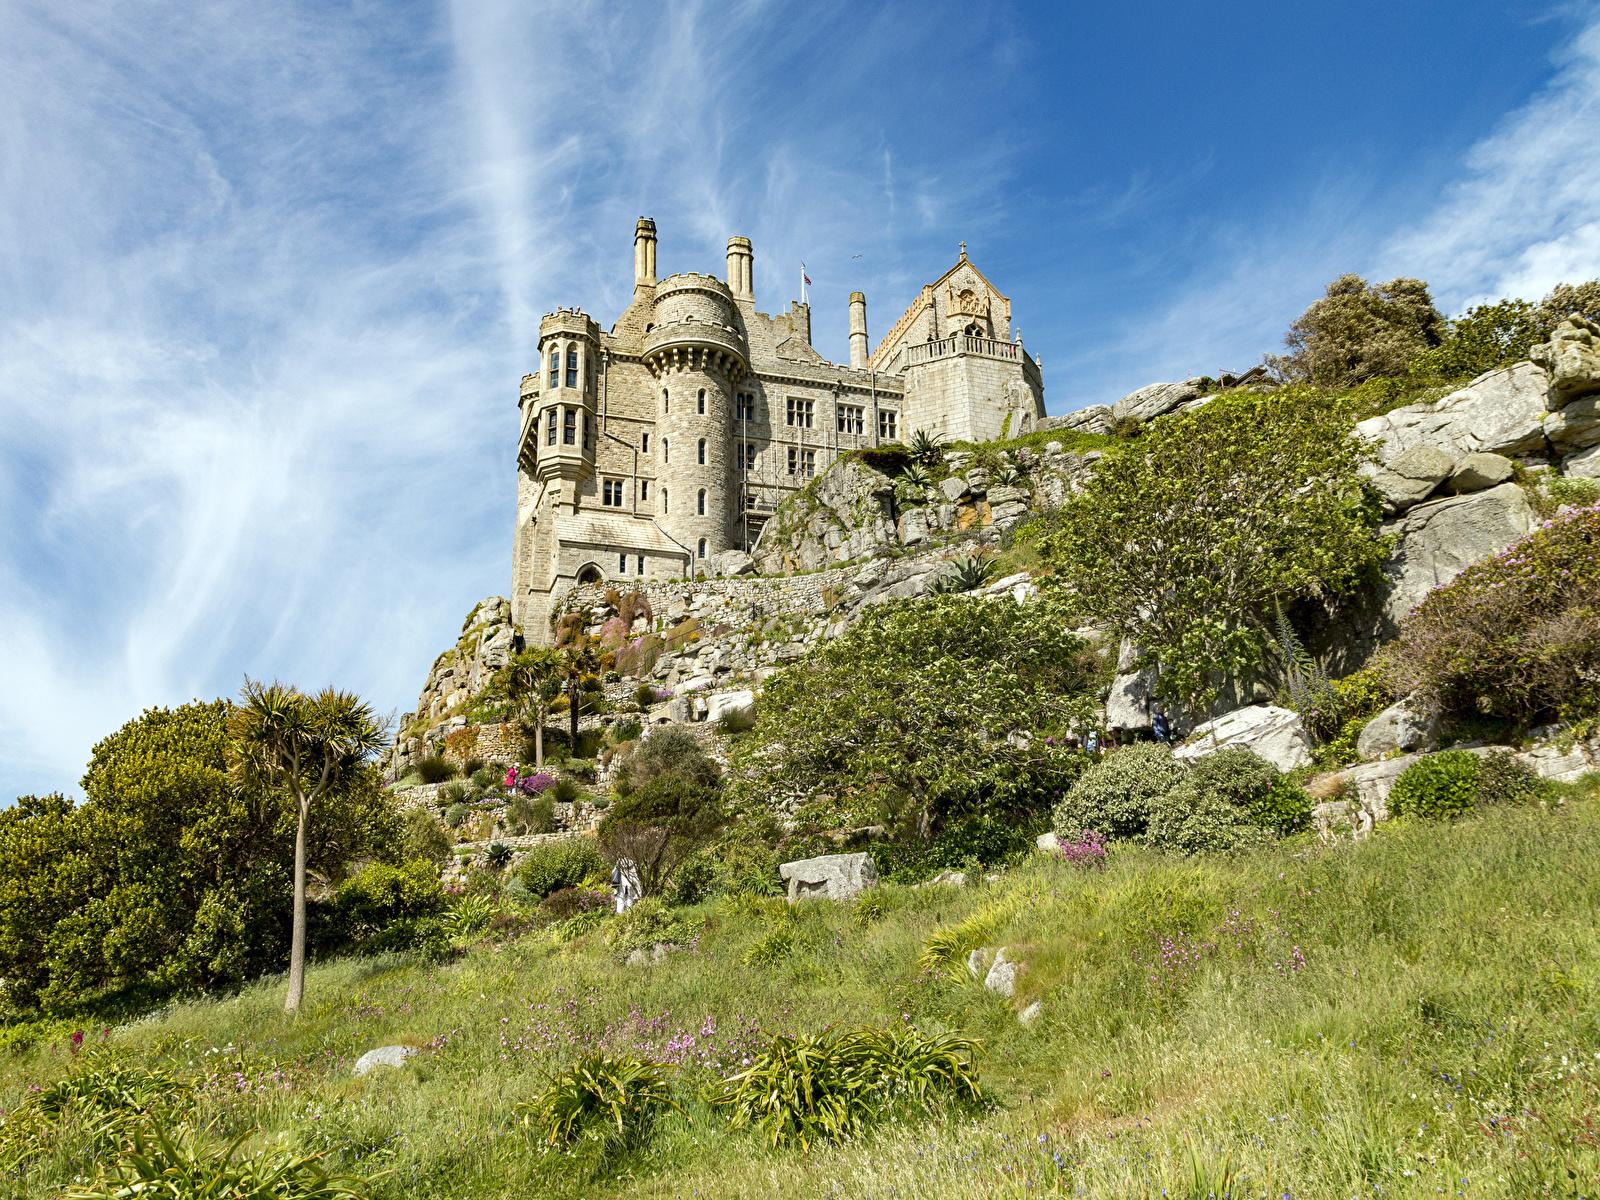 Обои для рабочего стола Франция St Michael's Mount Замки траве город 1600x1200 замок Трава Города